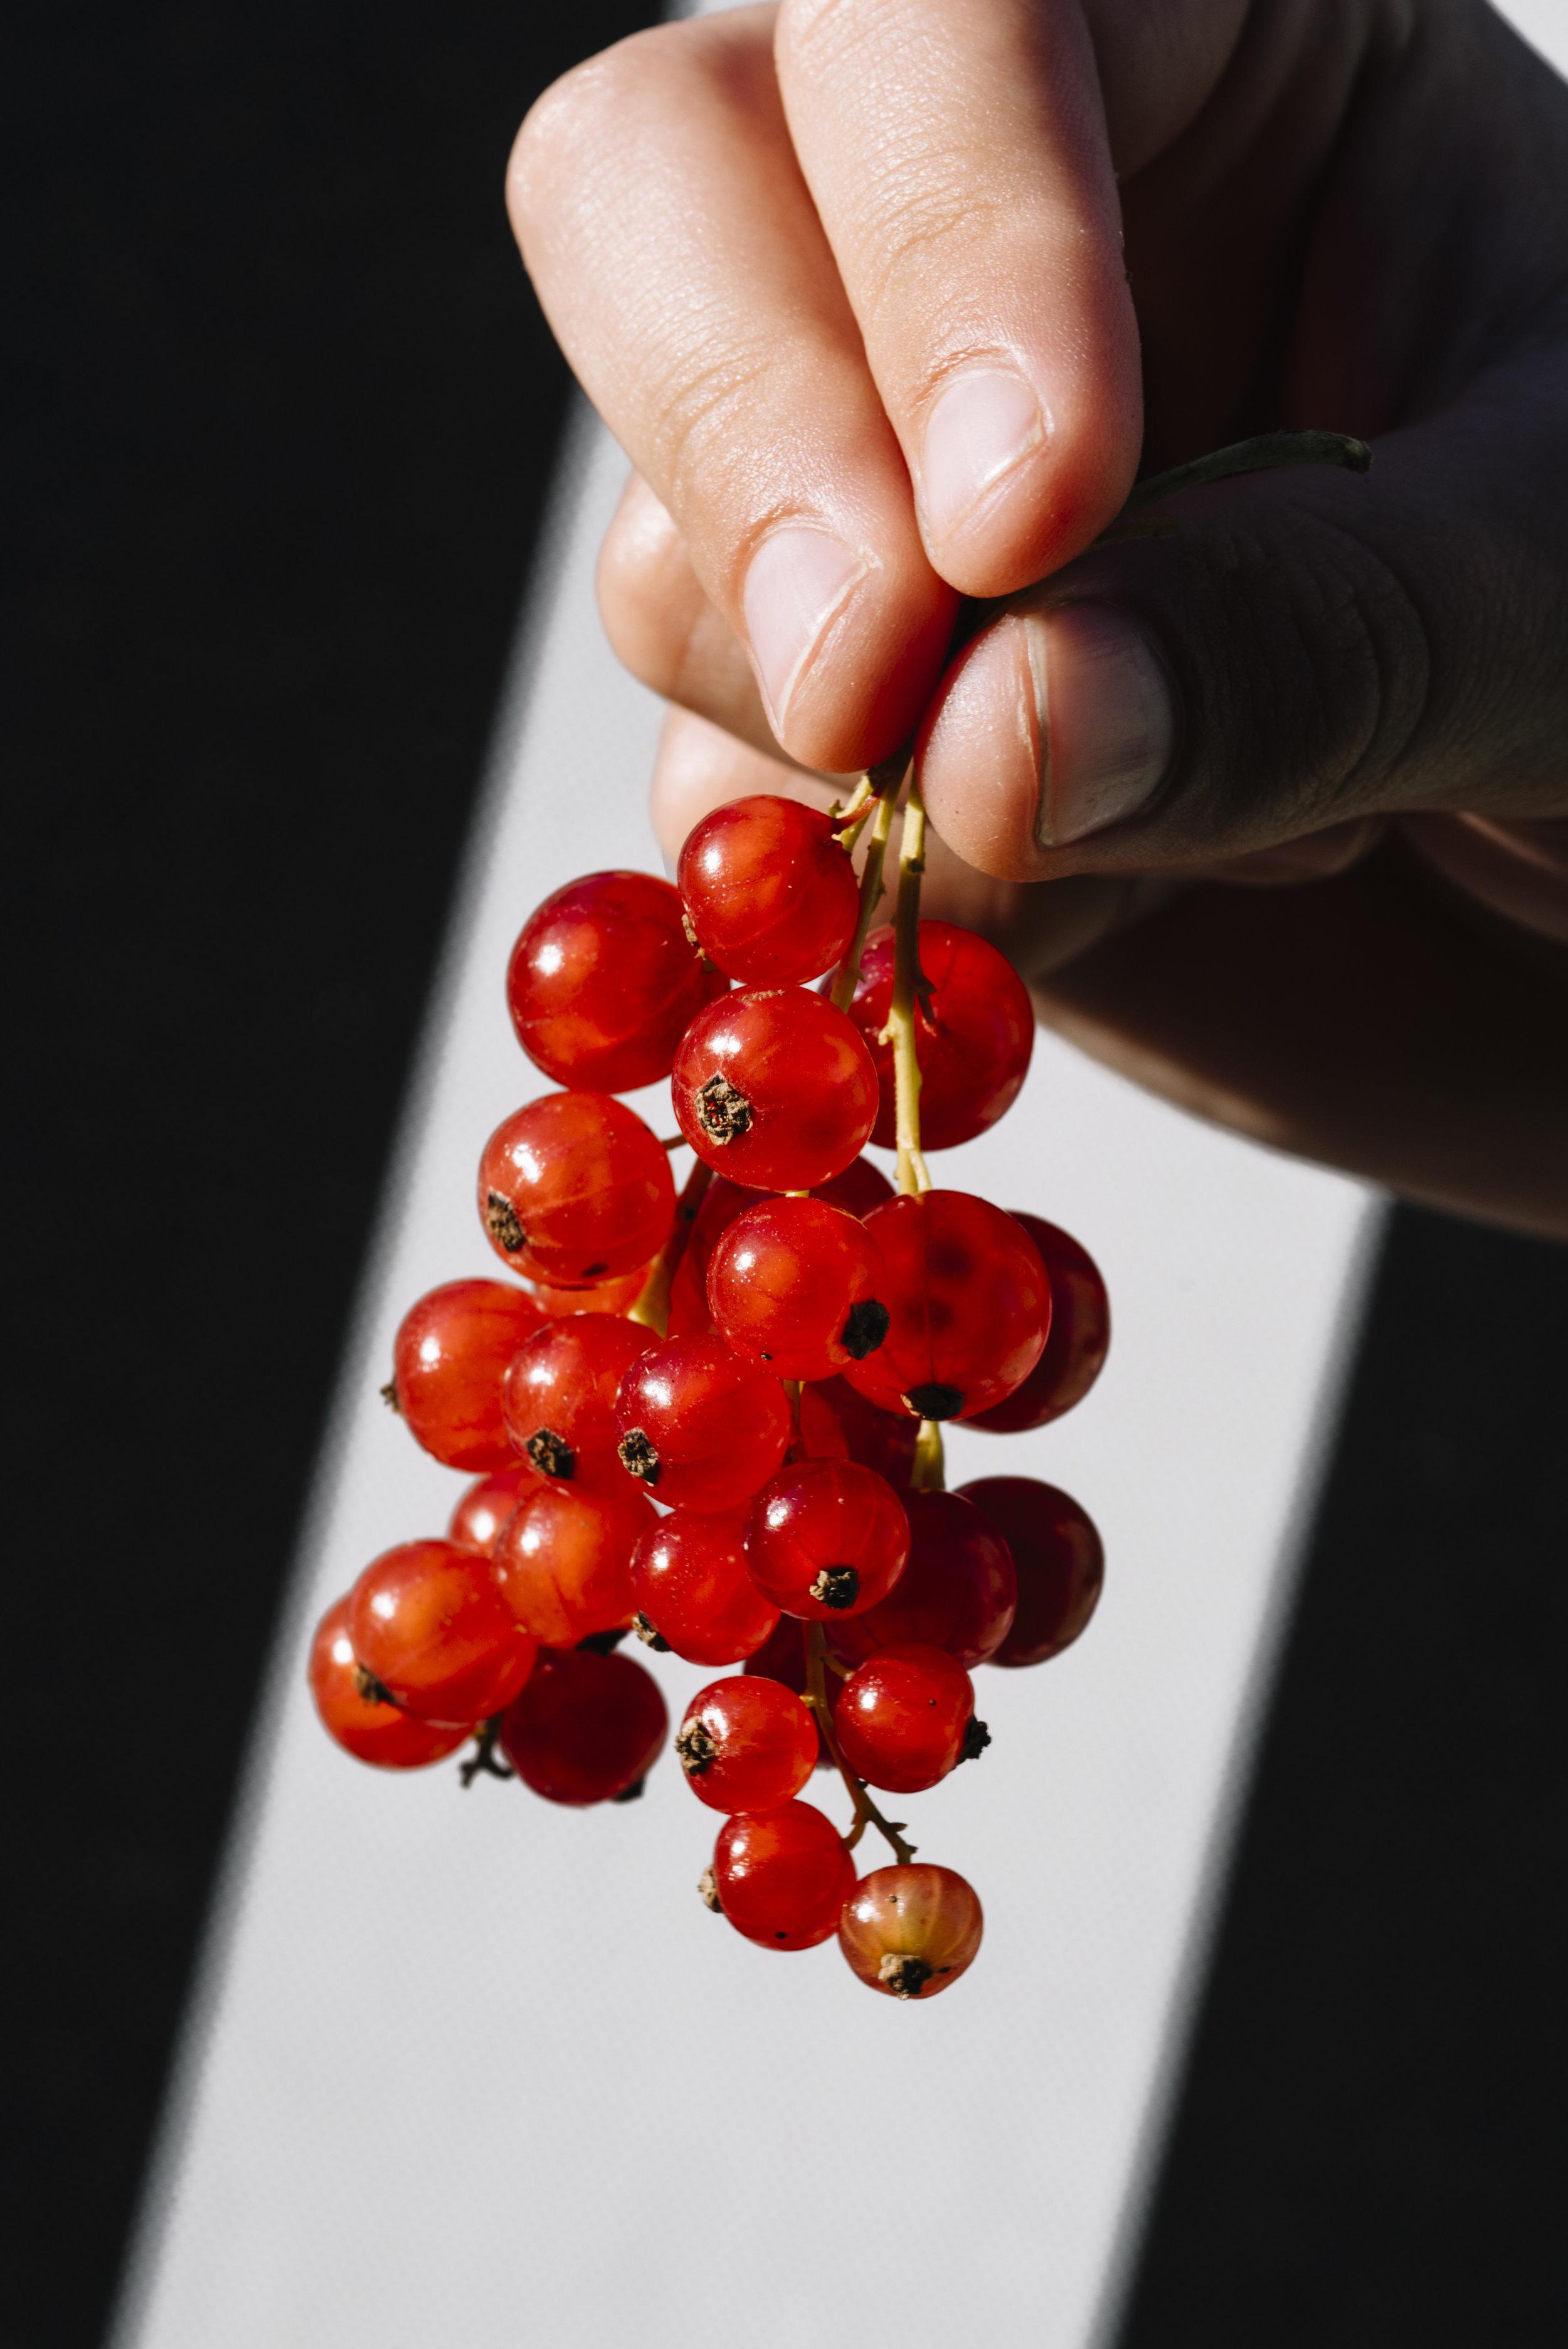 sour berries-6.jpg